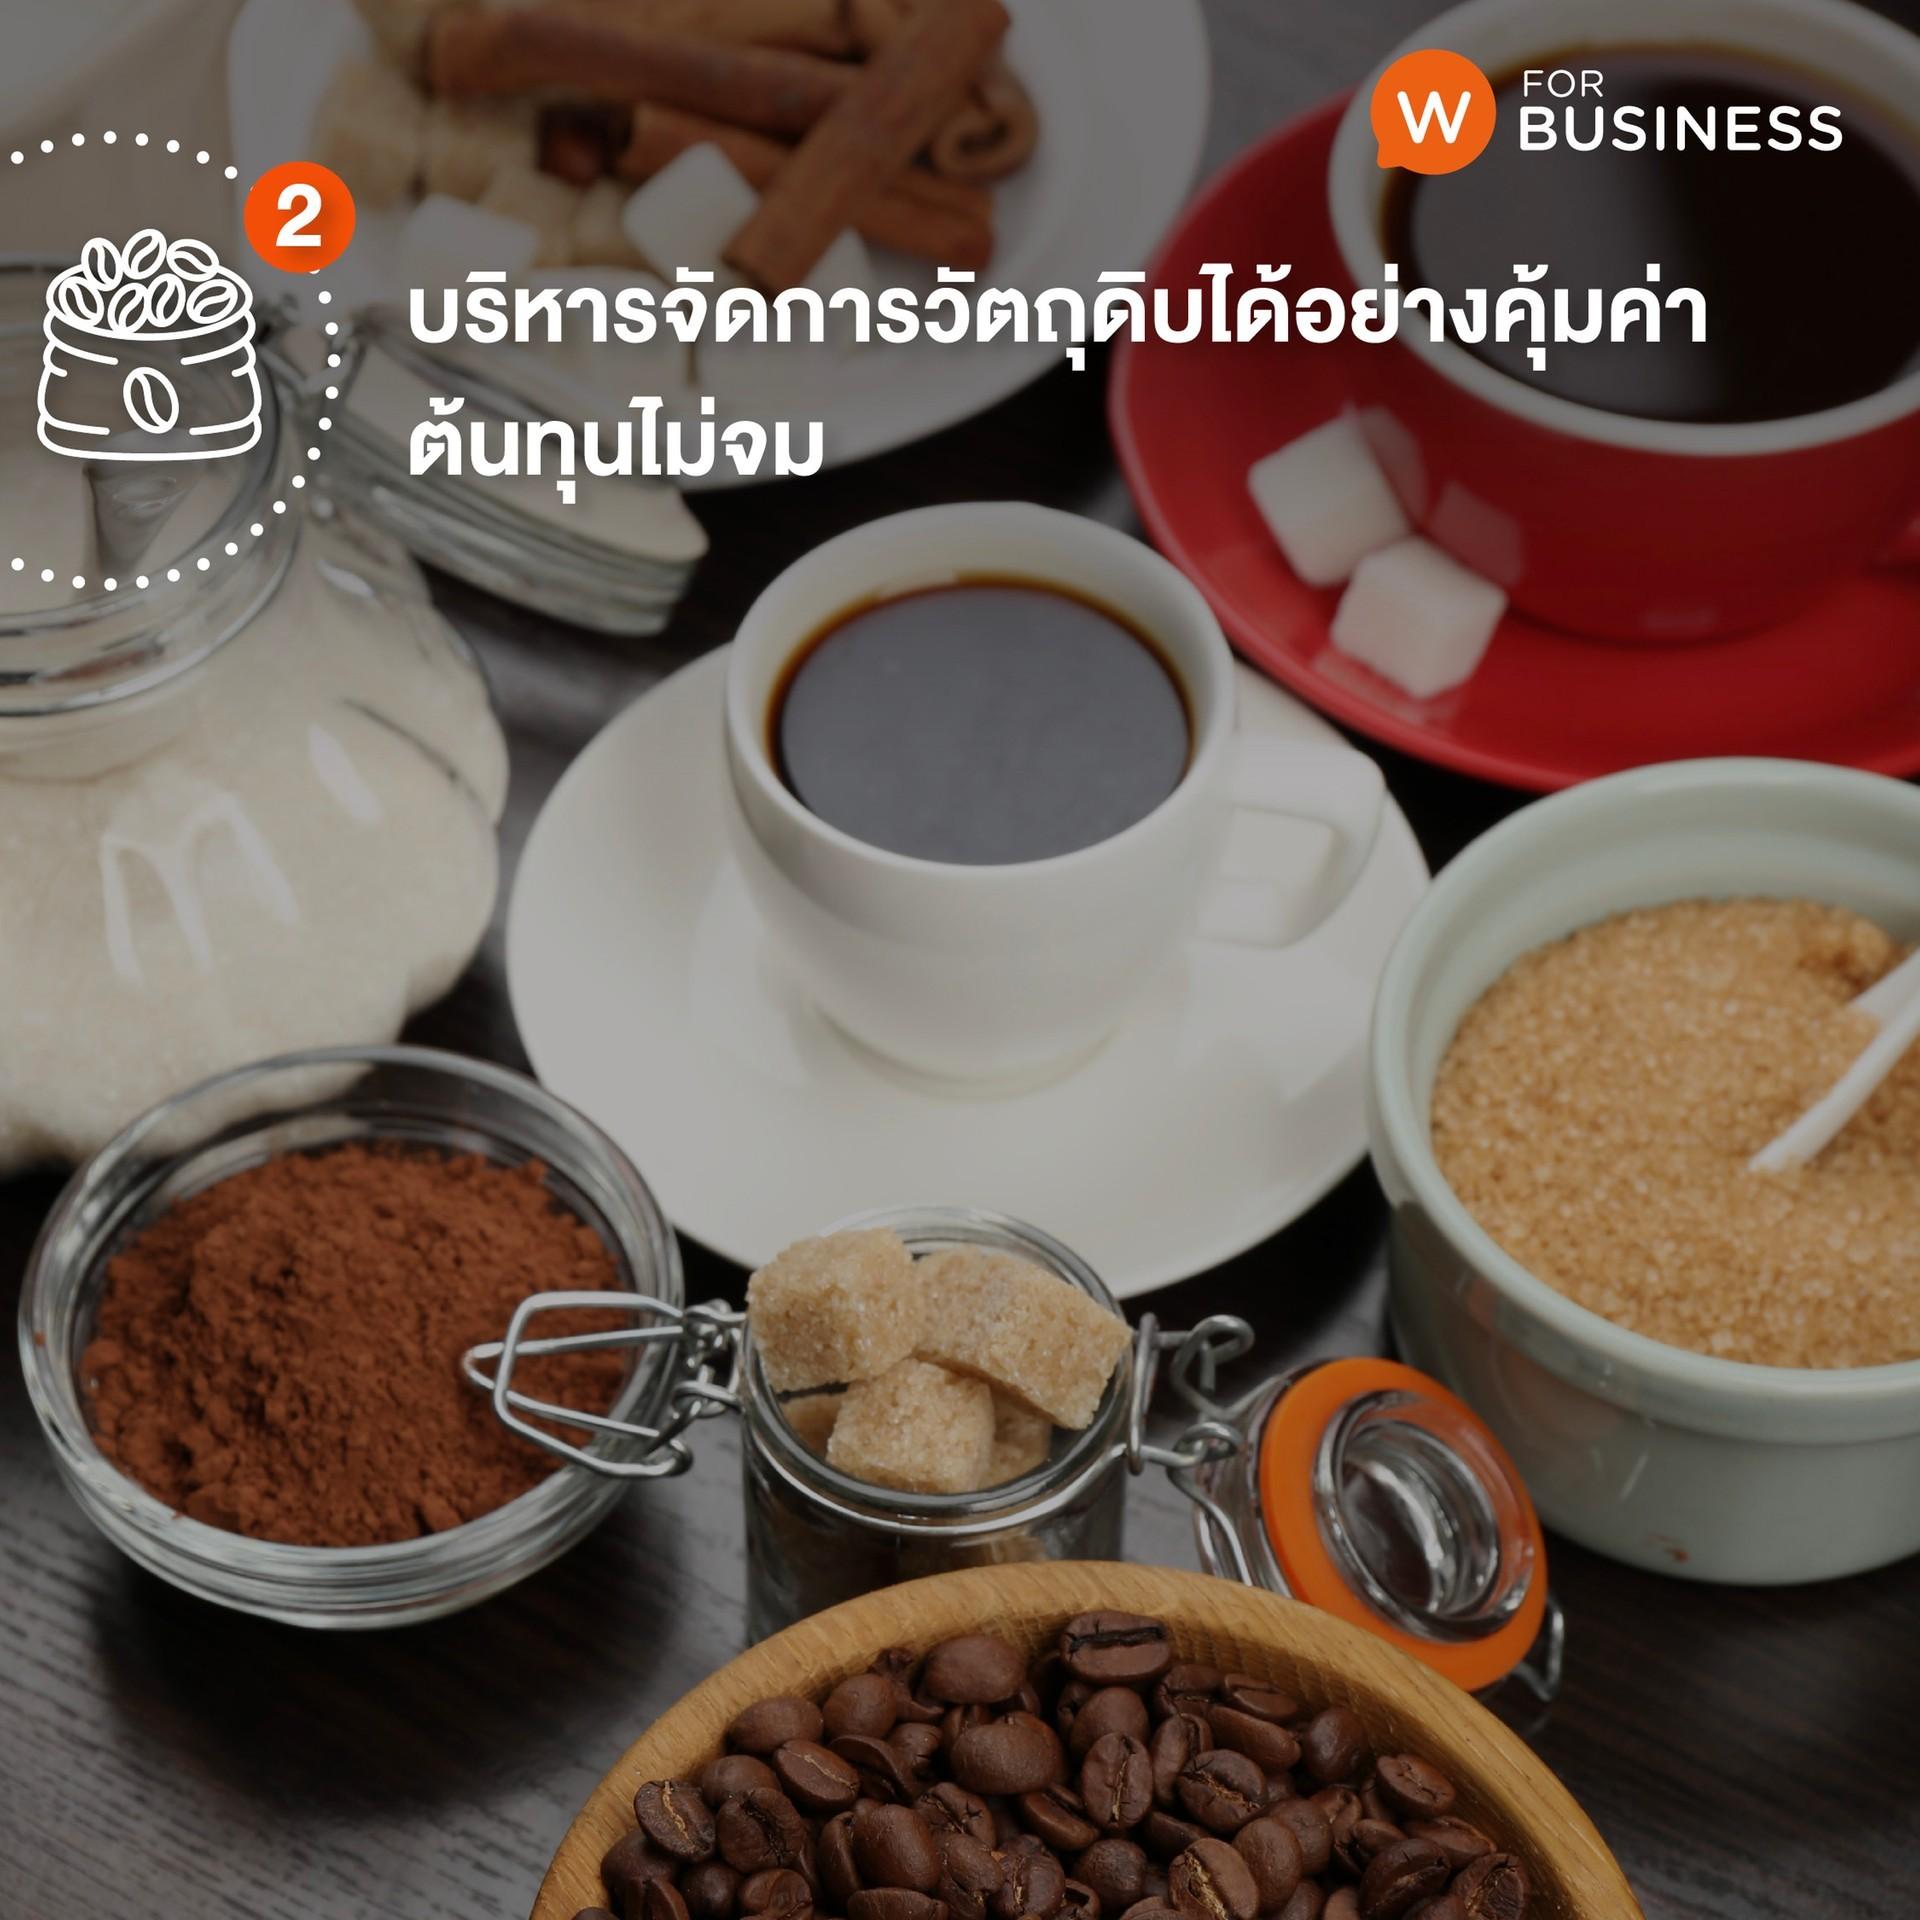 POS ร้านกาแฟ